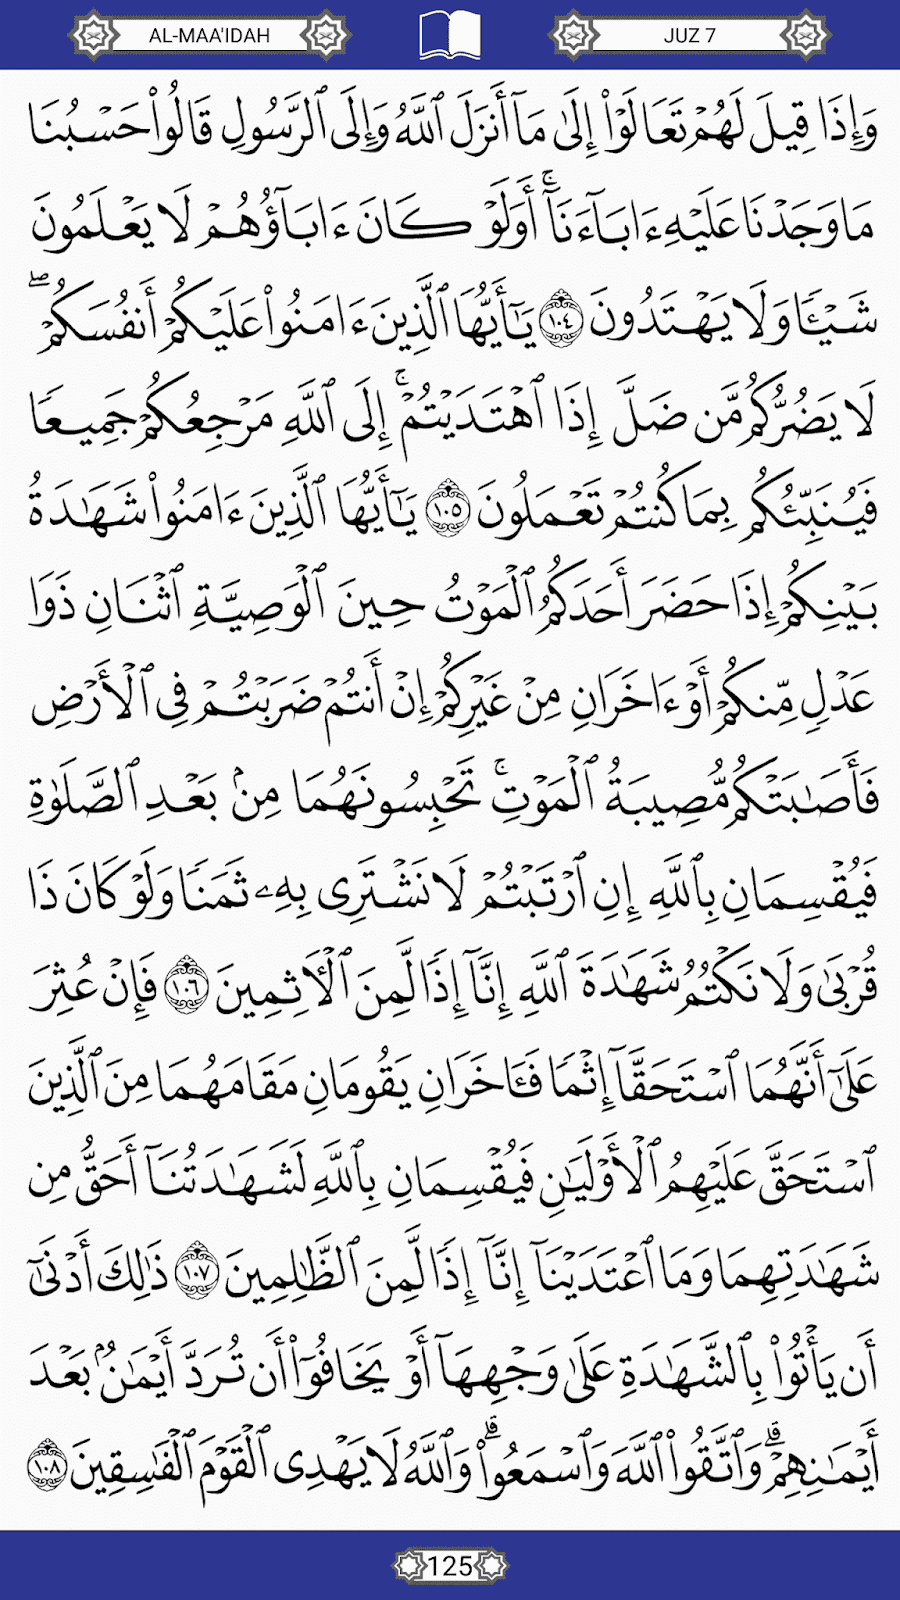 tafsir surah al maidah ayat 2